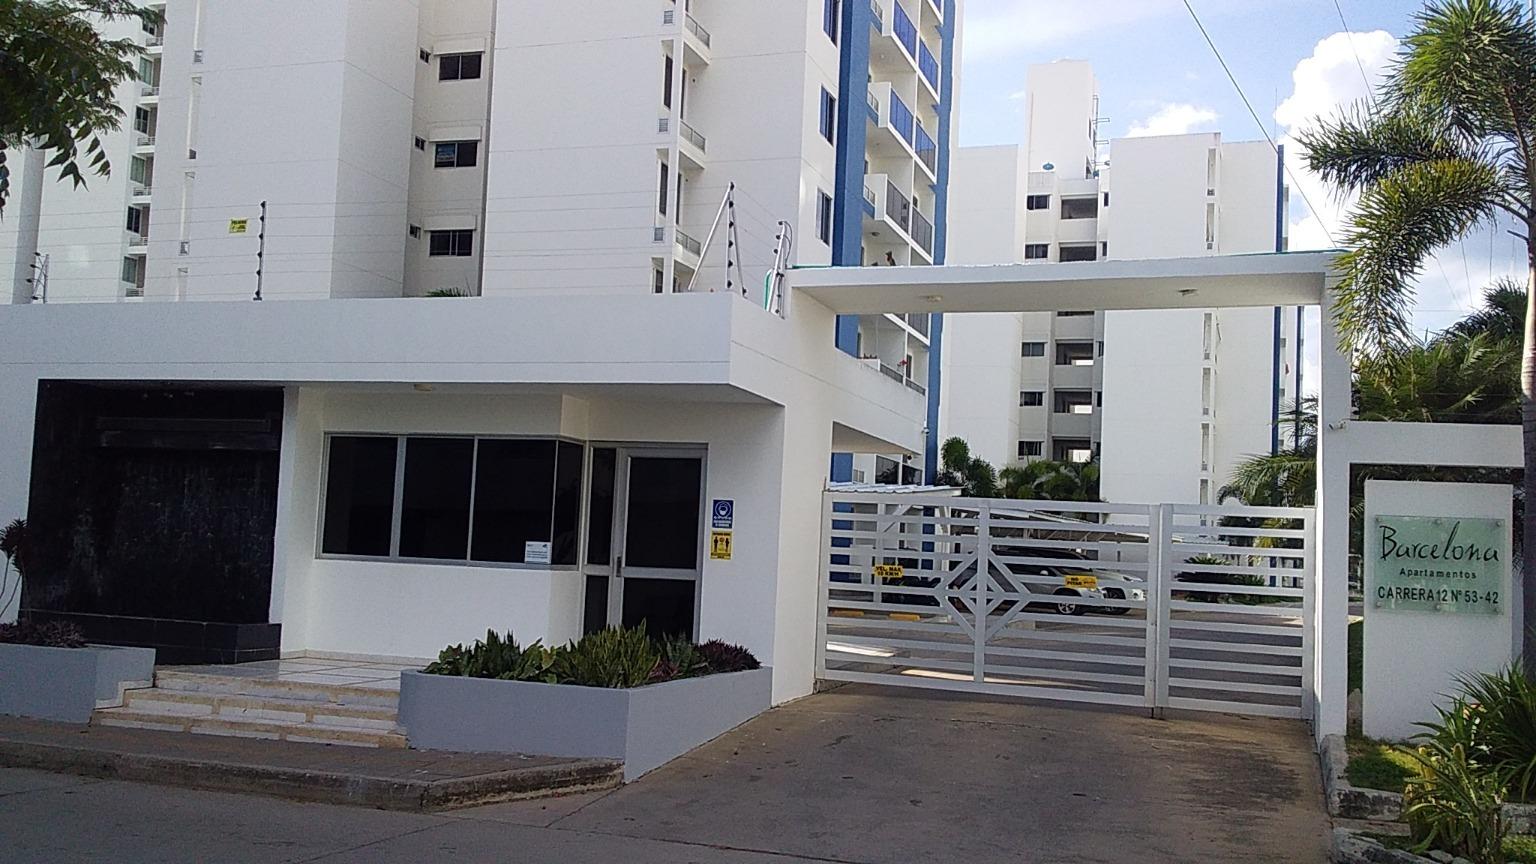 102048 - Apartamento disponible para arriendo Ed. Barcelona Montería